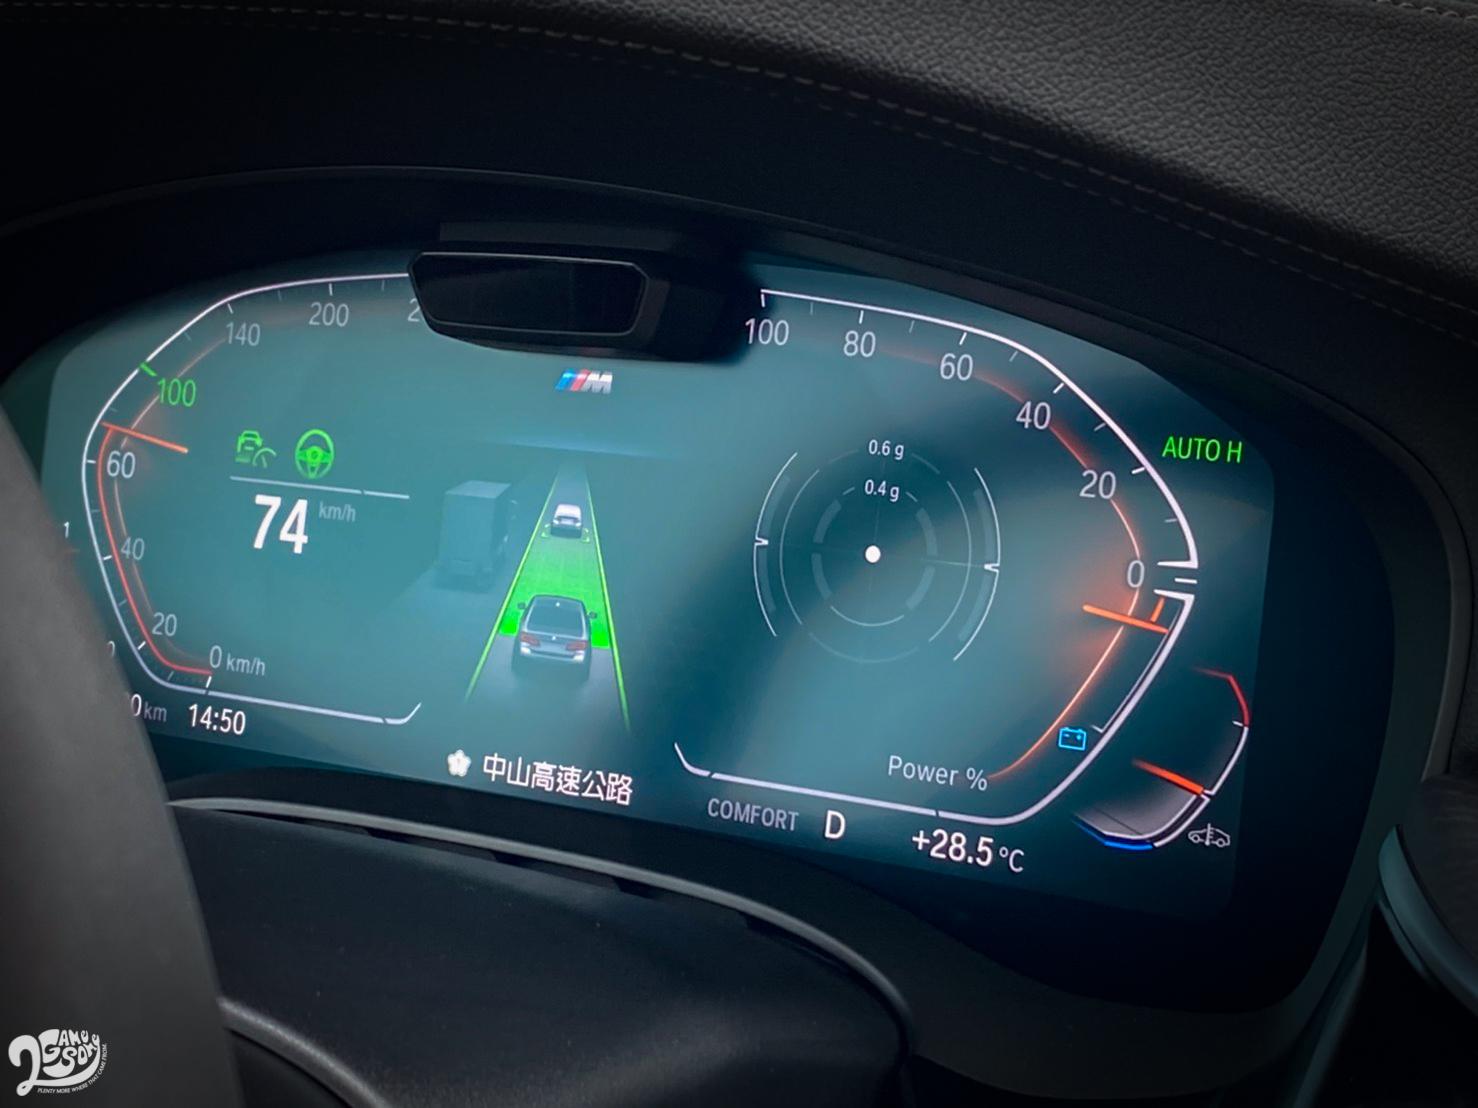 當車輛在 25~160 km/h 之間處於滑行狀態,48V 系統會關閉引擎;減速到 15 km/h 以下時,引擎也會預先熄火,藉此提升油耗表現。